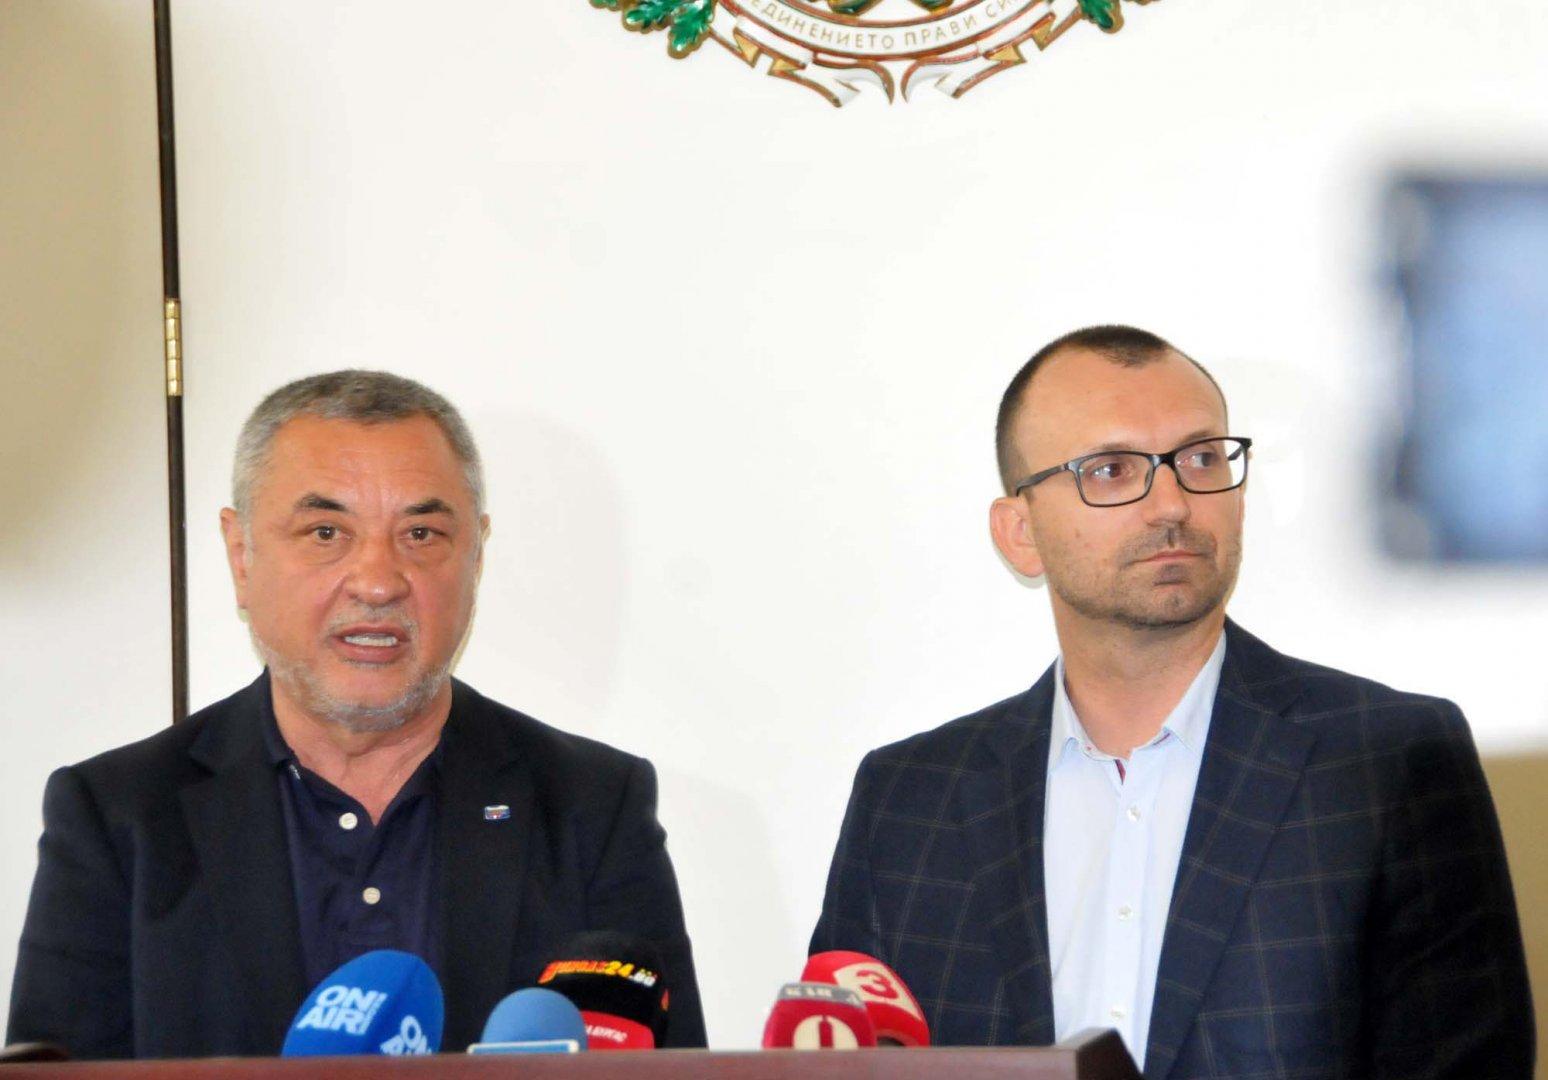 Обществените събития не са ограничени от Закона, каза вицепремиерът Симеонов (вляво). Снимки Лина Главинова